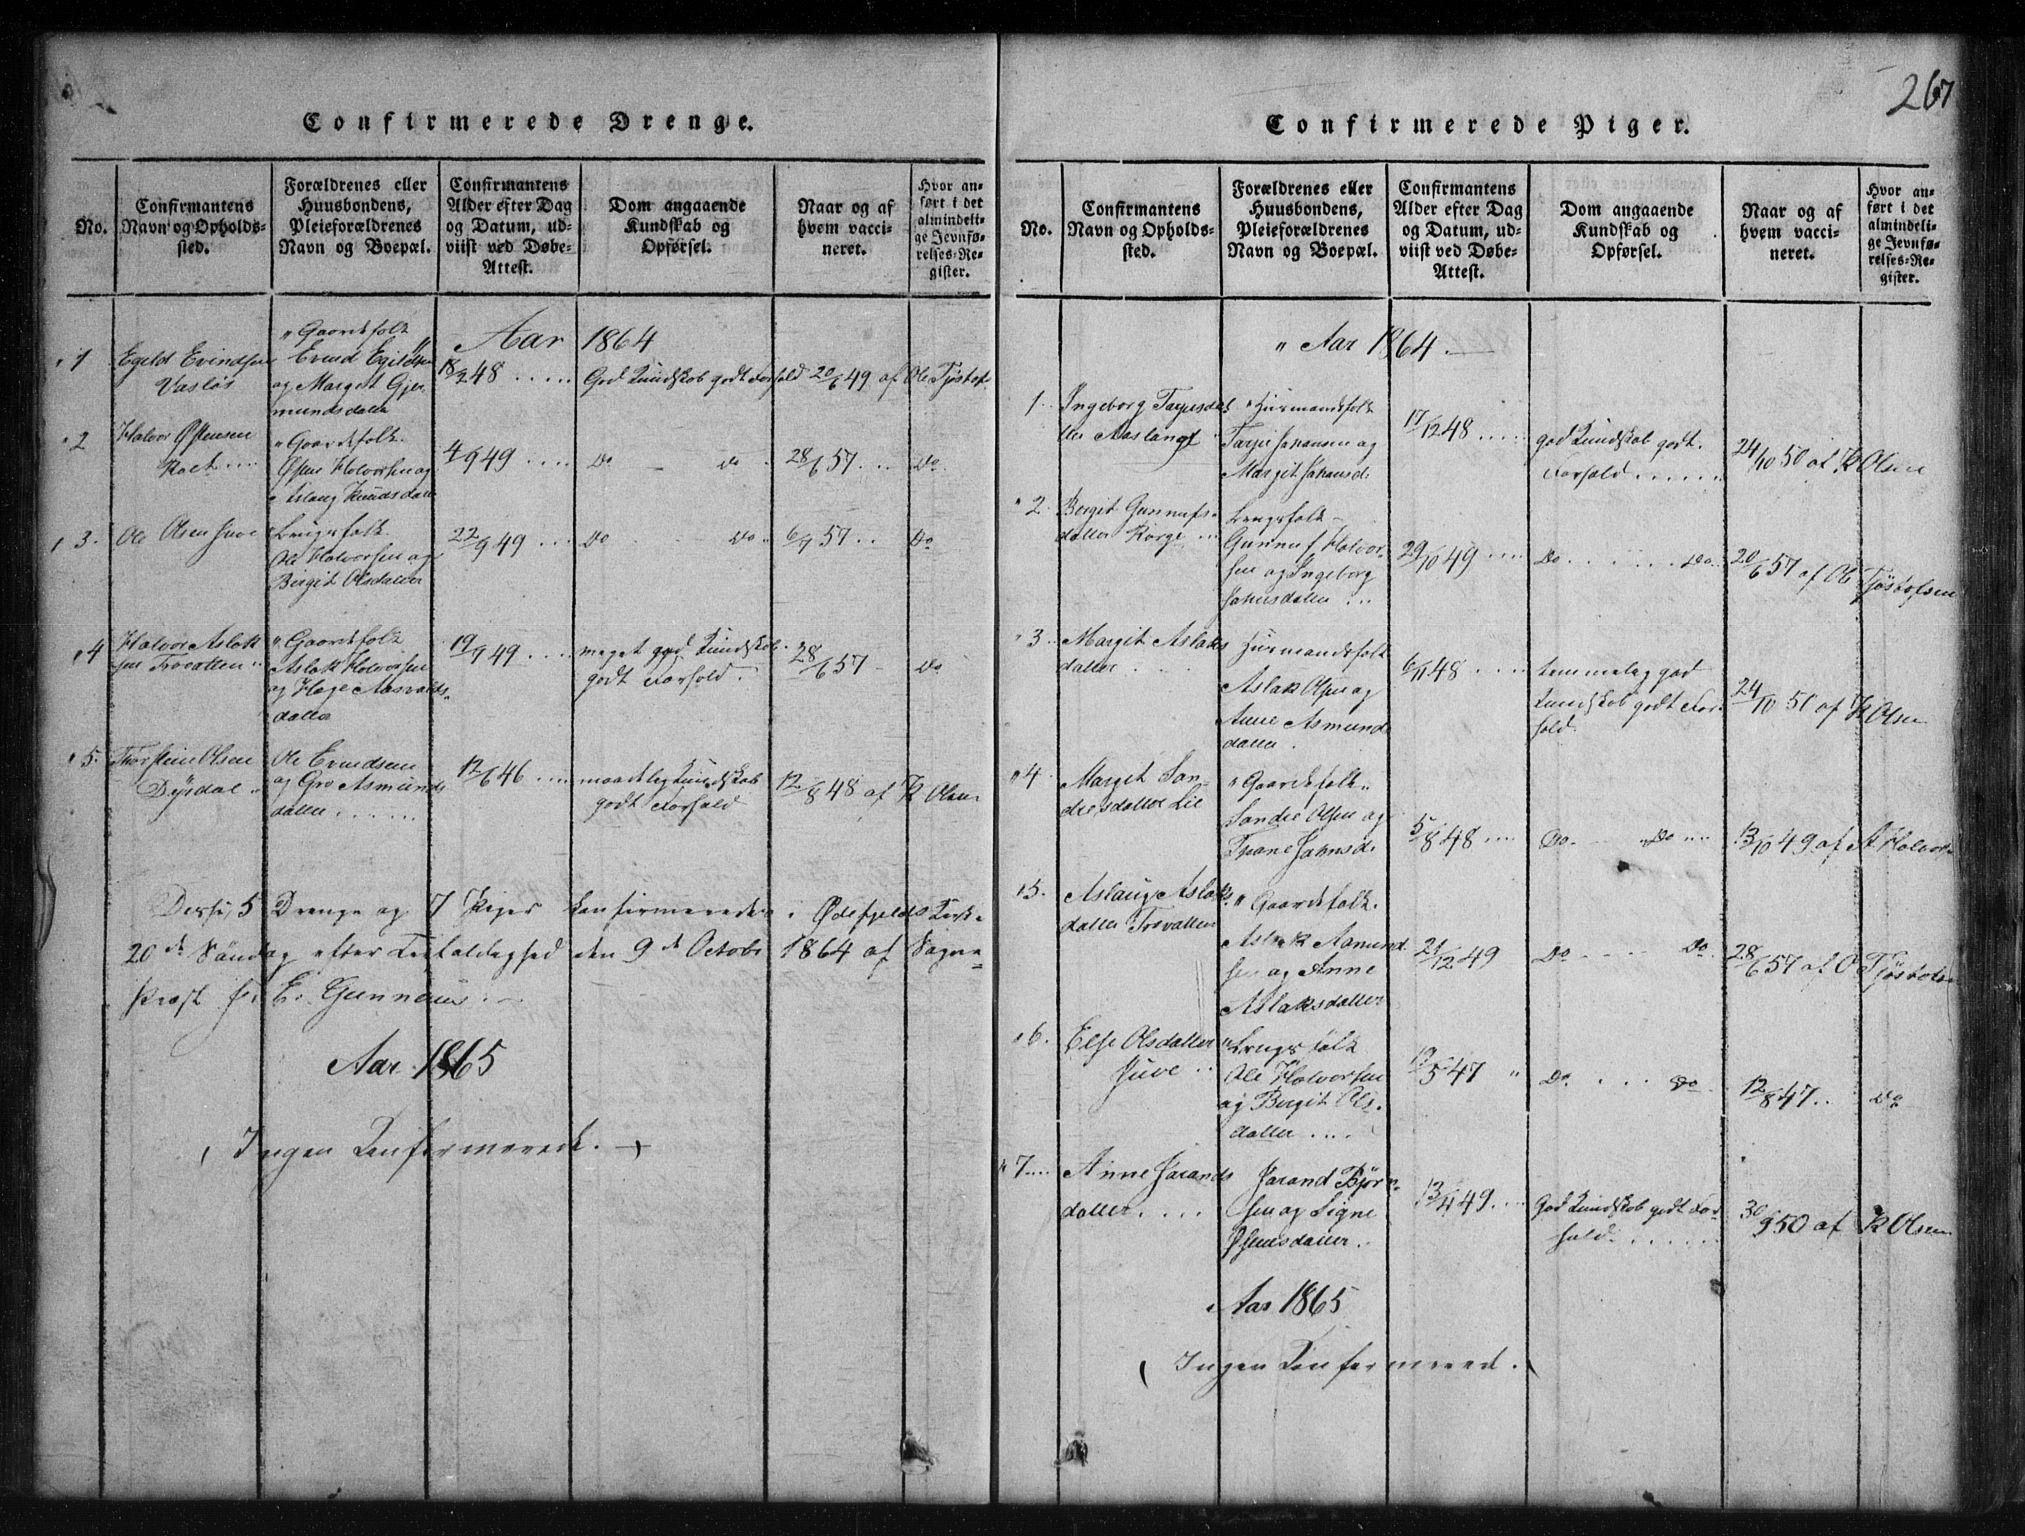 SAKO, Rauland kirkebøker, G/Gb/L0001: Klokkerbok nr. II 1, 1815-1886, s. 267